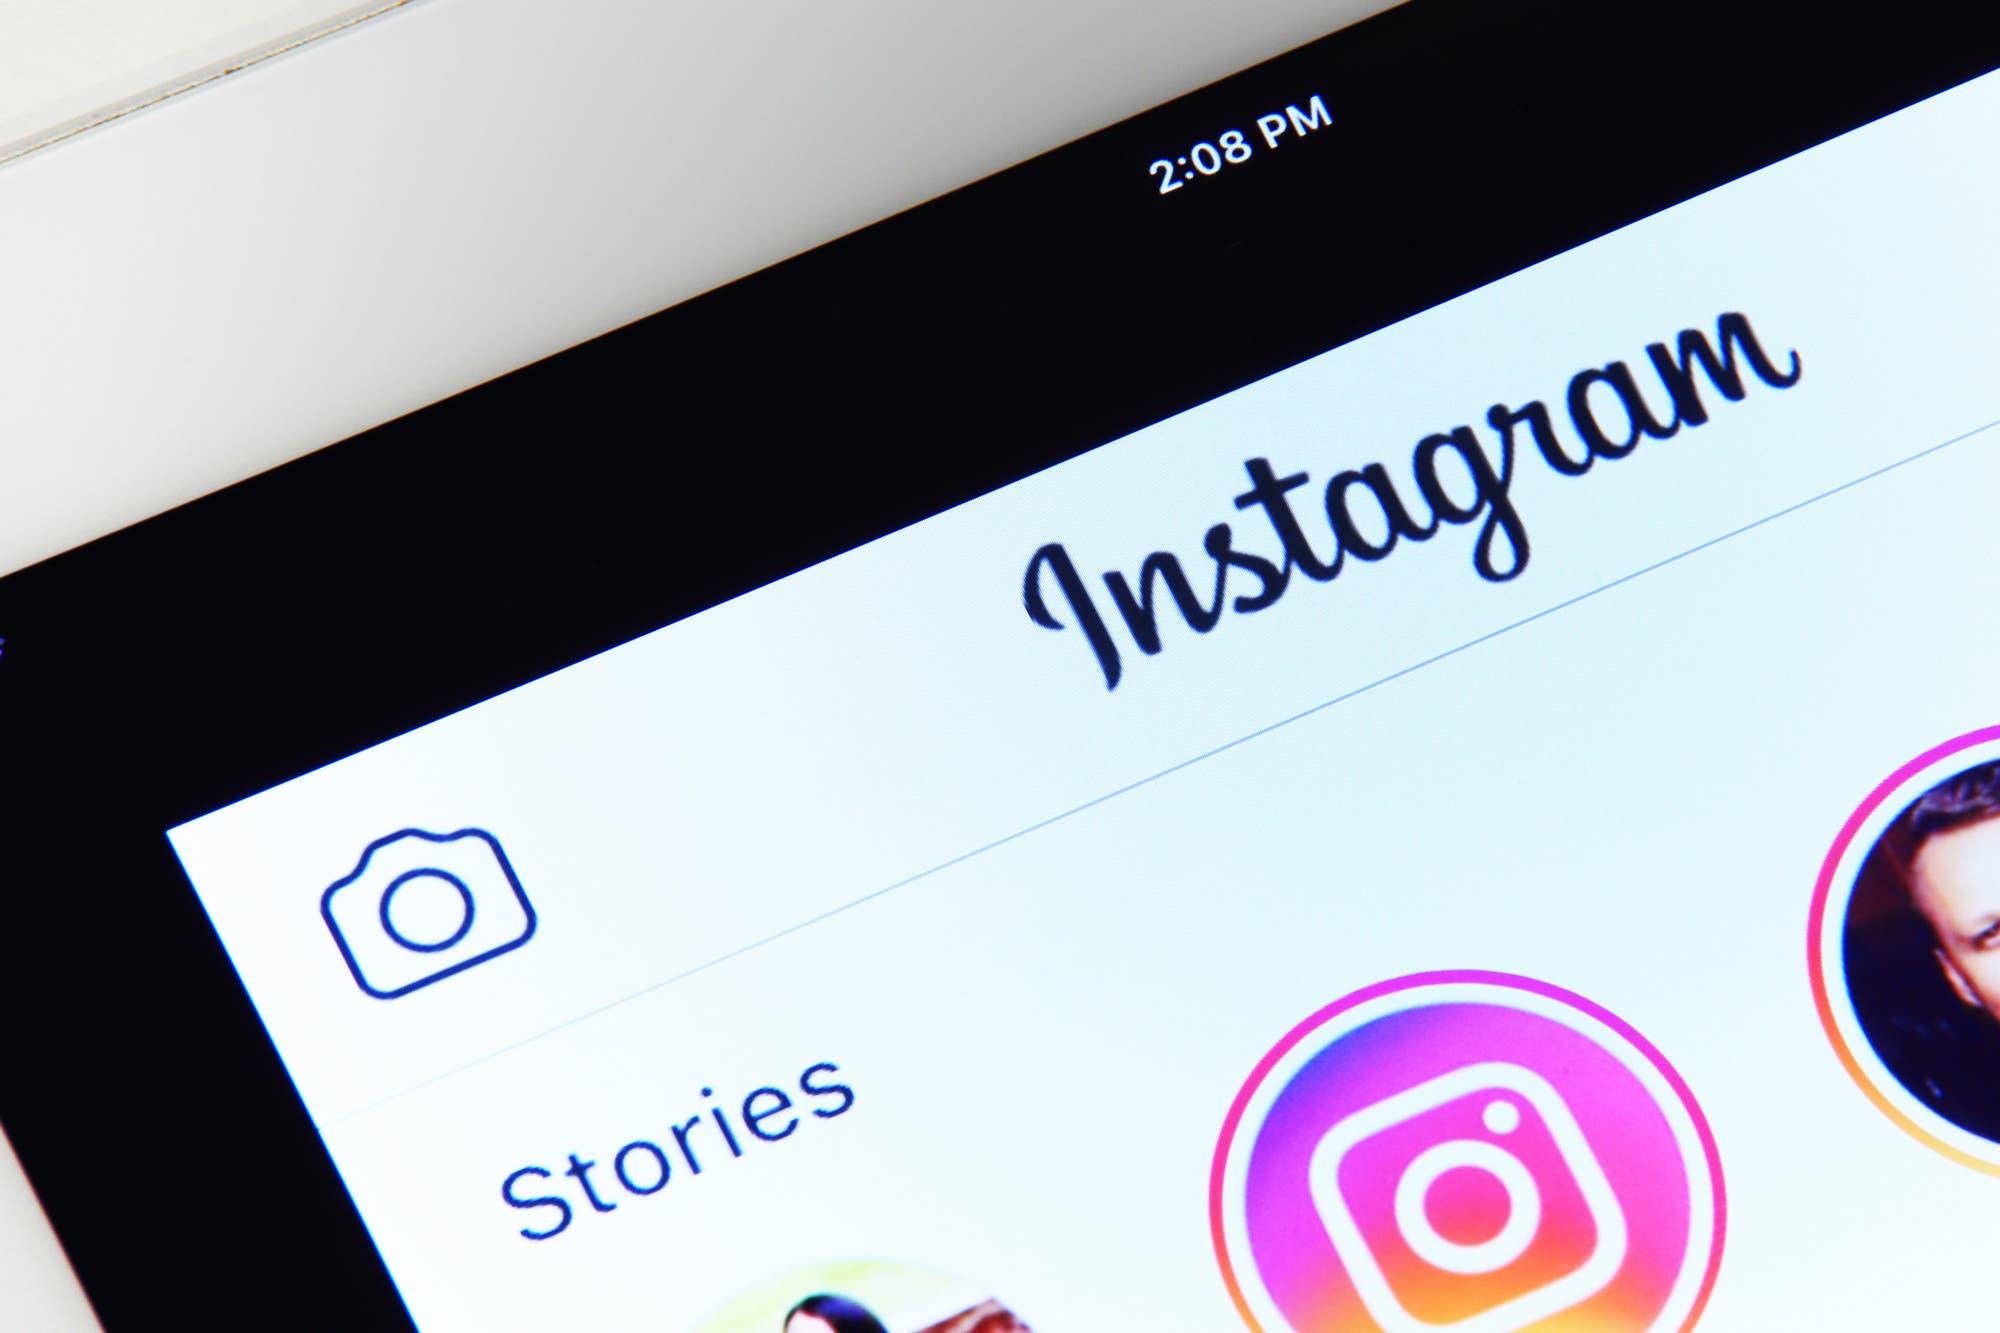 En doble fila: las publicaciones de Instagram Stories ganan lugar en la pantalla principal